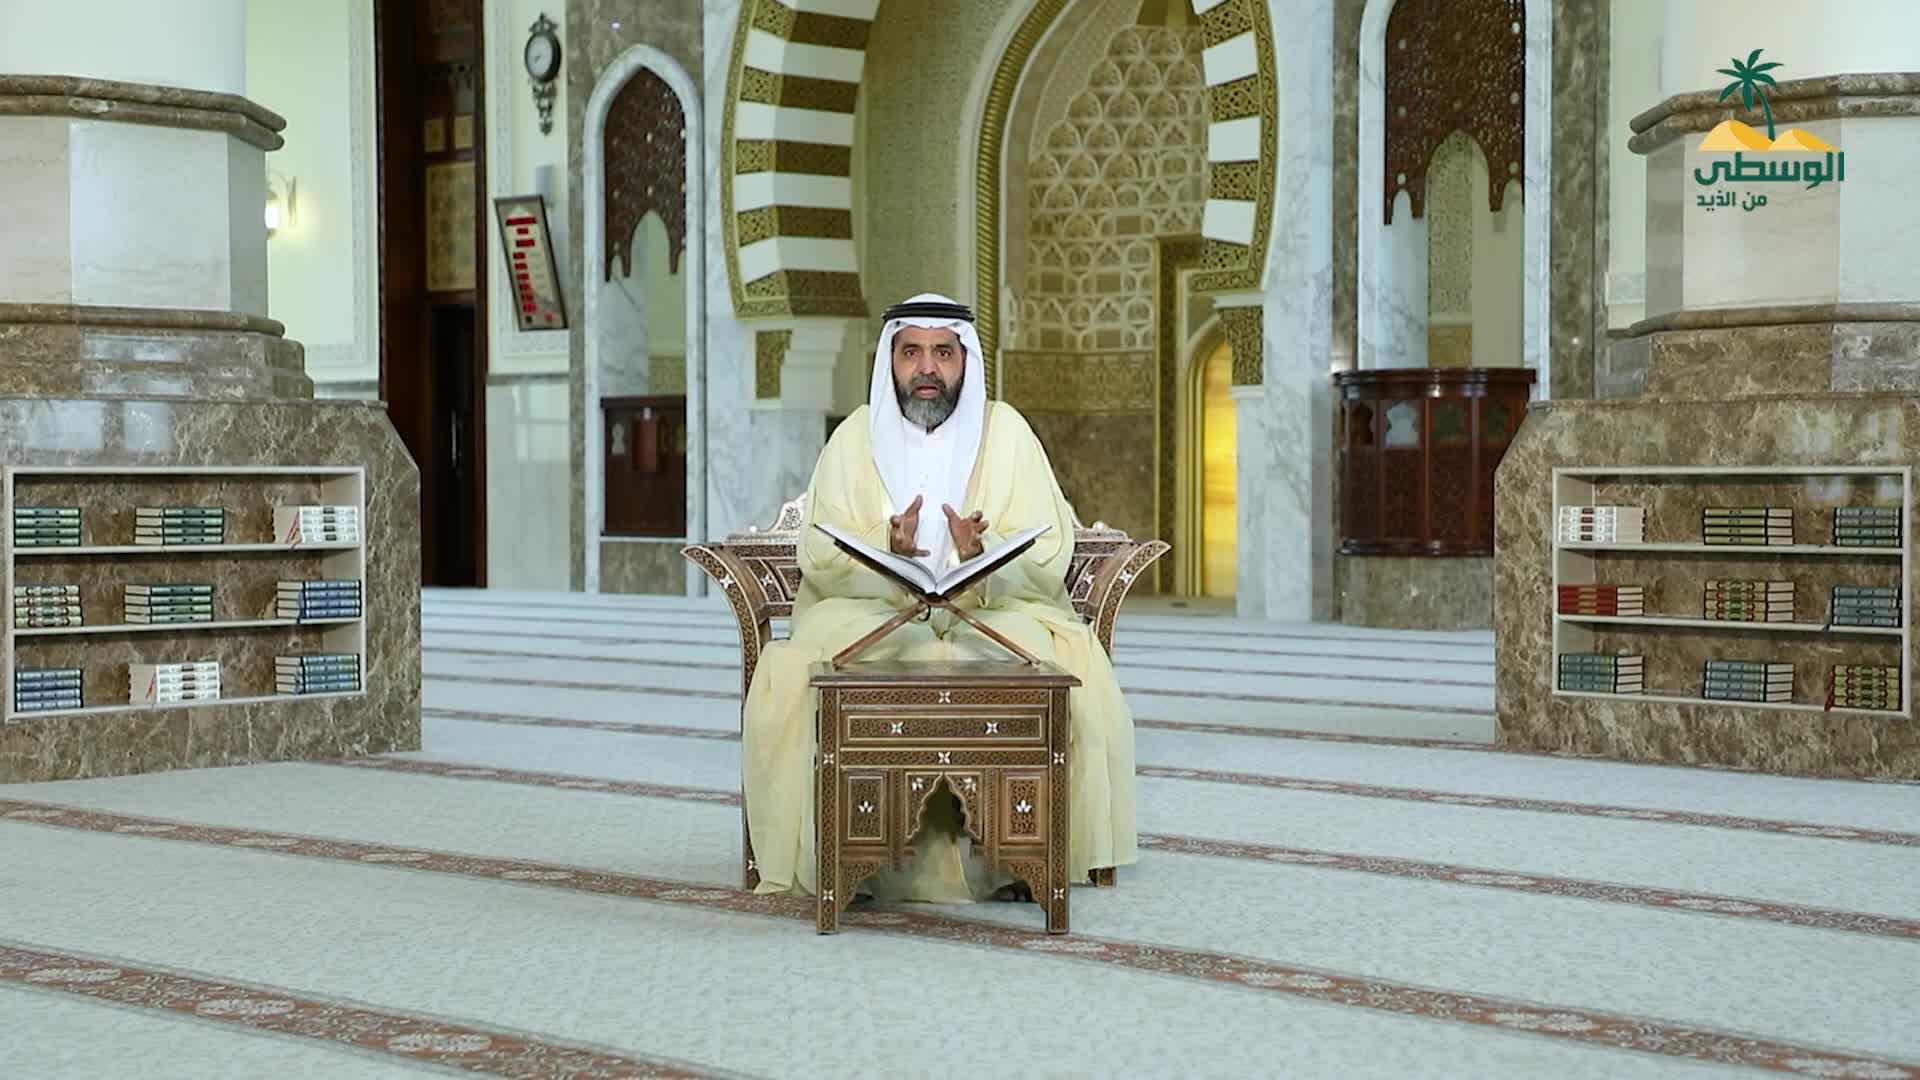 آداب وأحكام  - ثاني أيام العيد 14-5-2021